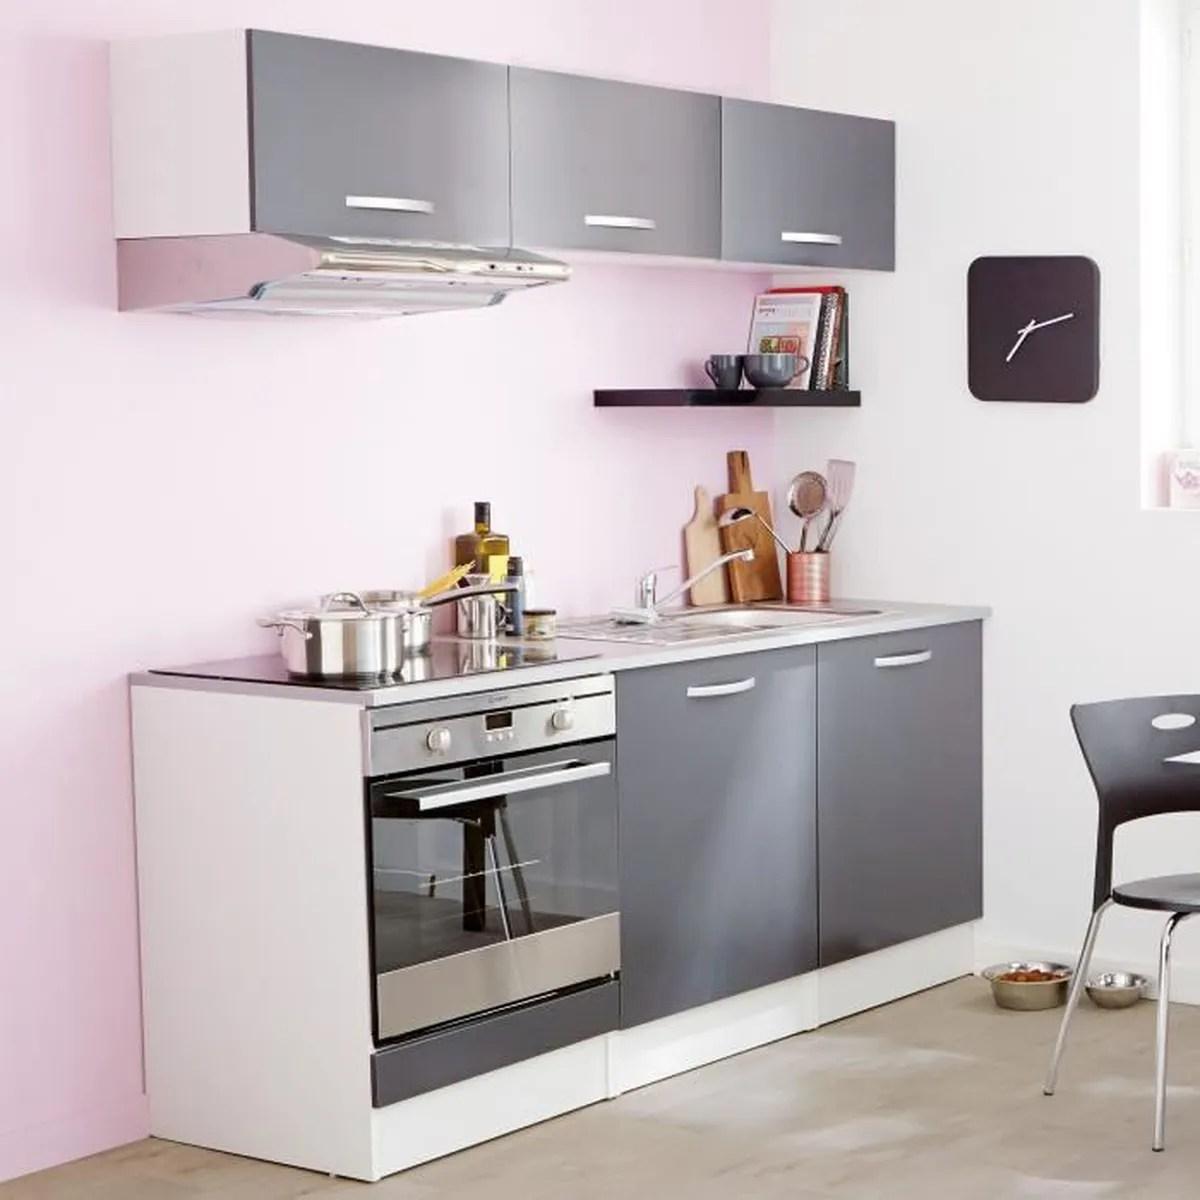 eko cuisine ensemble de meubles de cuisine gris prets a installer gris